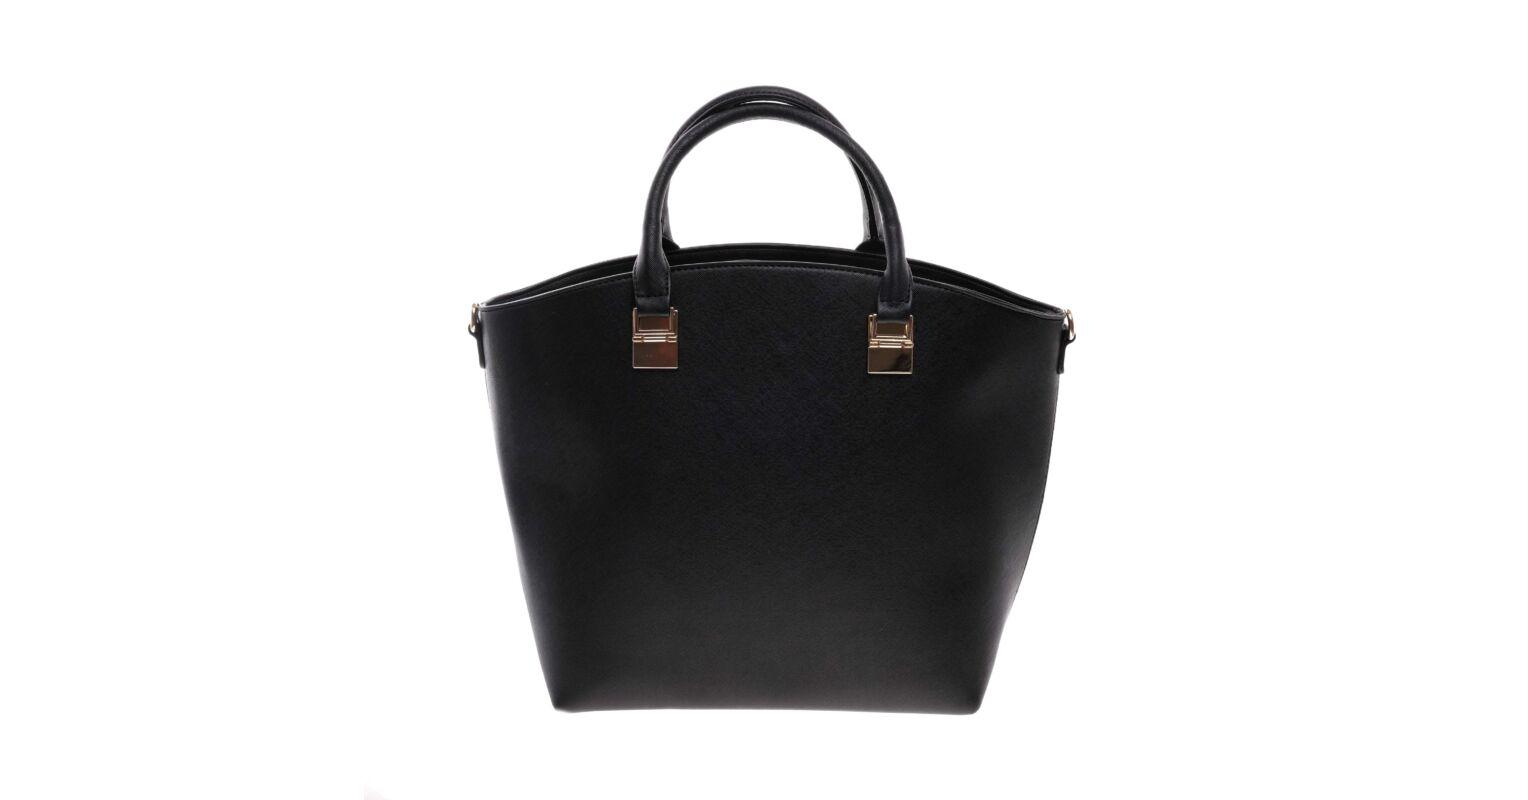 66cebc17c8d8 Nagy Fekete Színű Női Műbőr kézitáska - Válltáskák - Táska webáruház -  Minőségi táskák mindenkinek